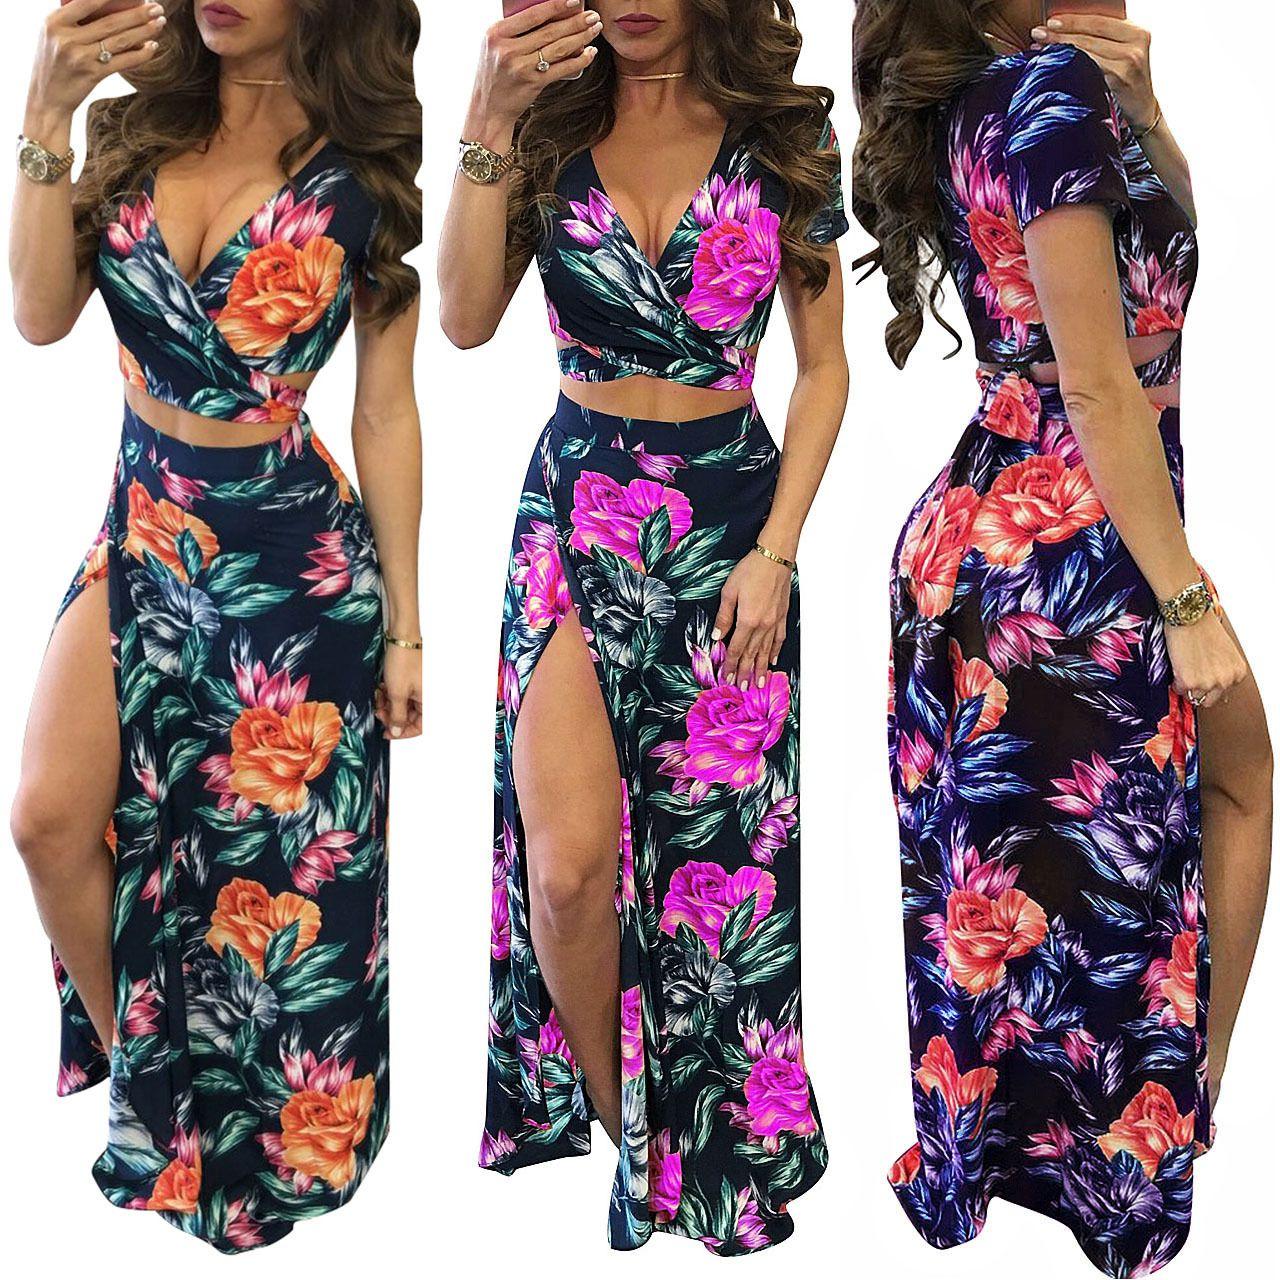 المرأة الصيف الزهور السامية الشق فستان طويل ماكسي مطبوعة اللباس شاطئ أنثى المحاصيل اثنين من كبار قطعة مجموعة فستان الشمس Vestidos